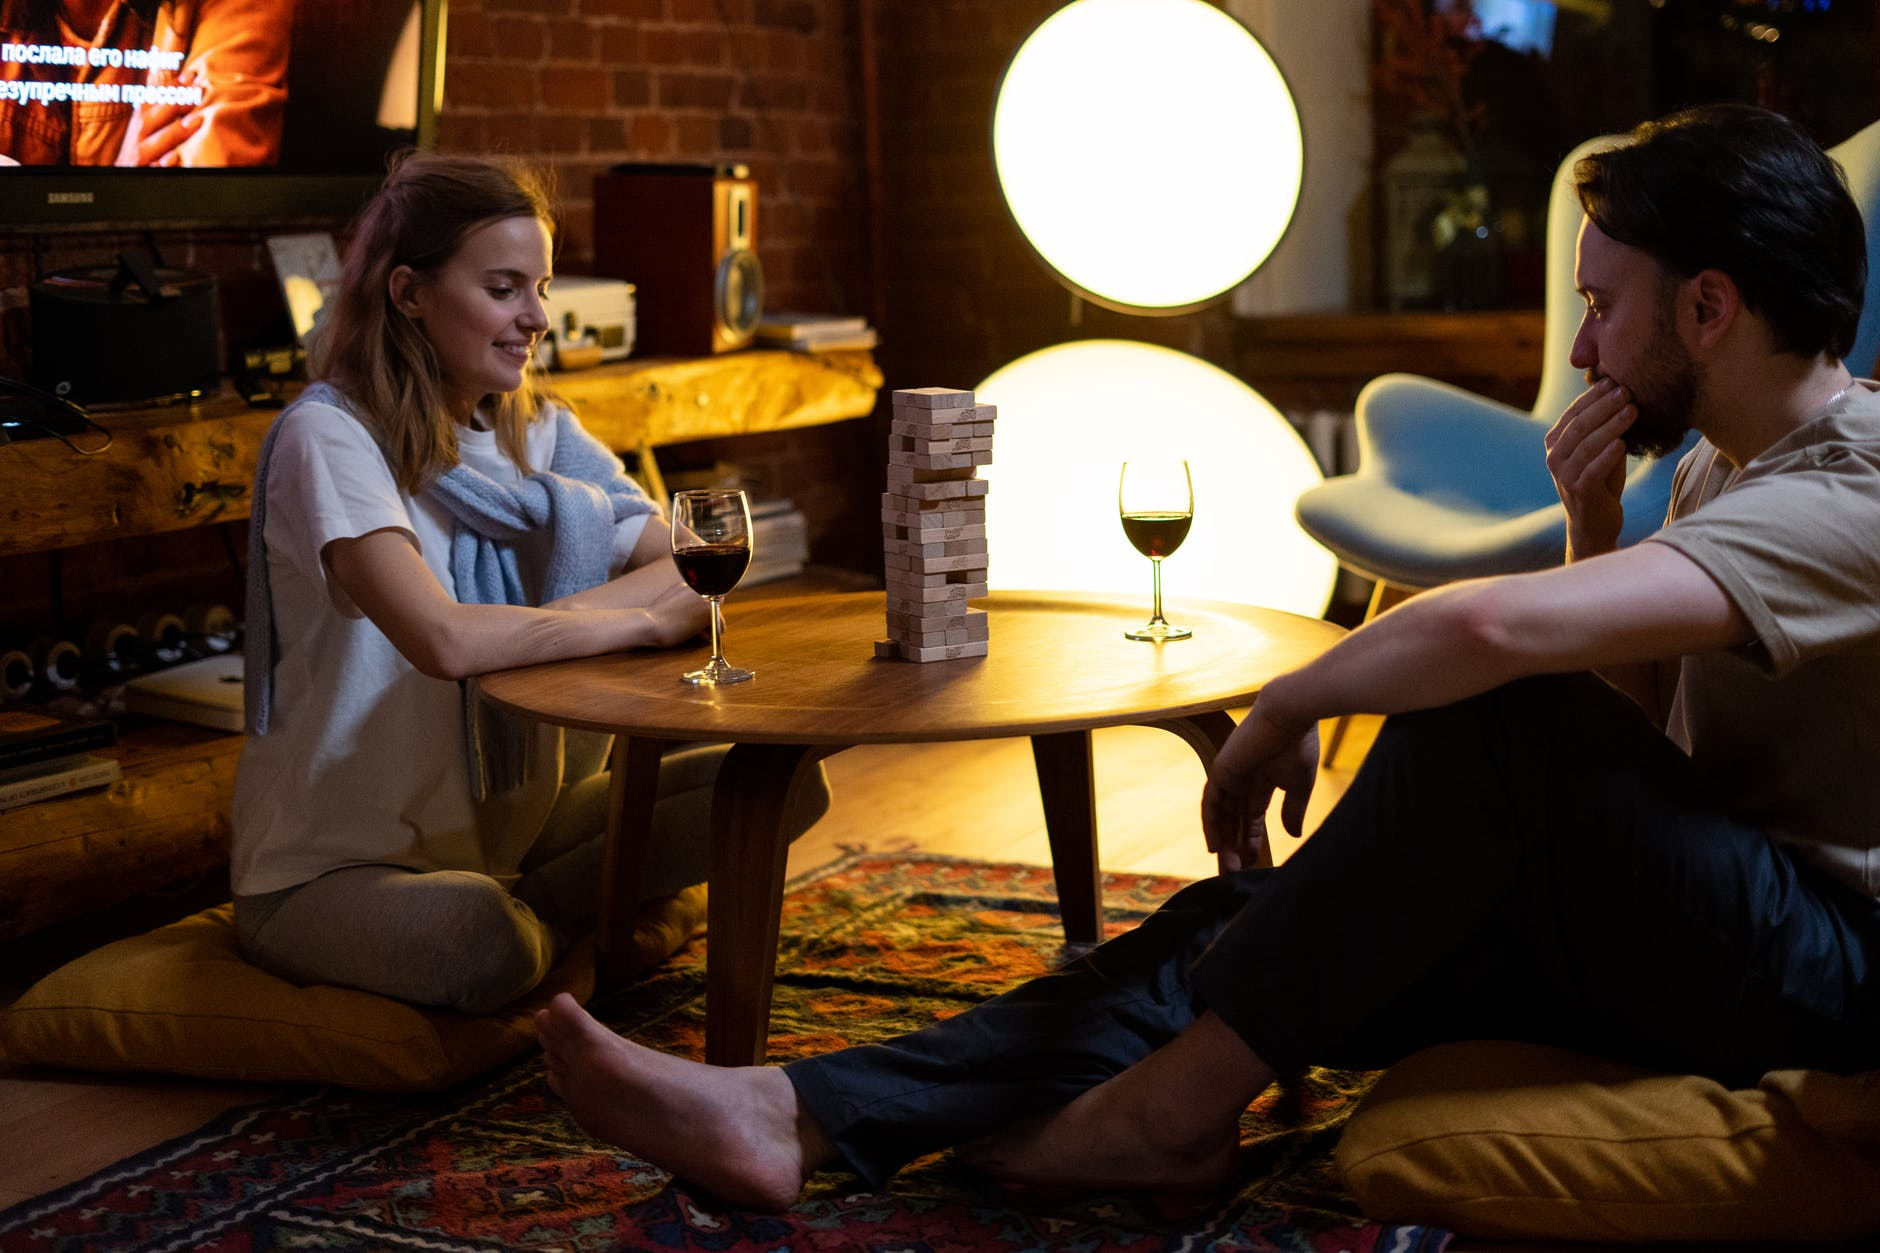 7 Cara Kreatif Jadi Romantis dengan Orang yang Kamu Cinta